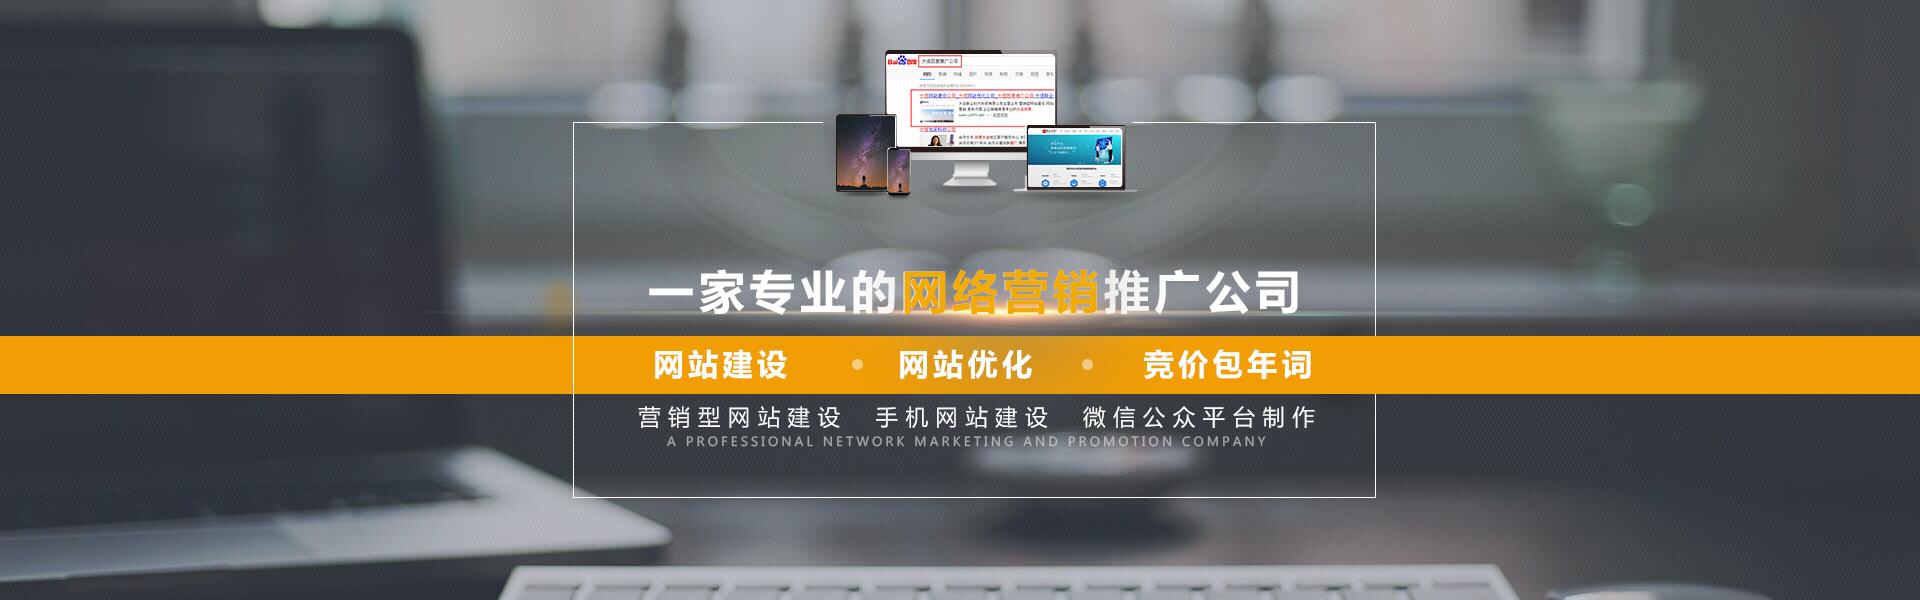 大连网站建设公司